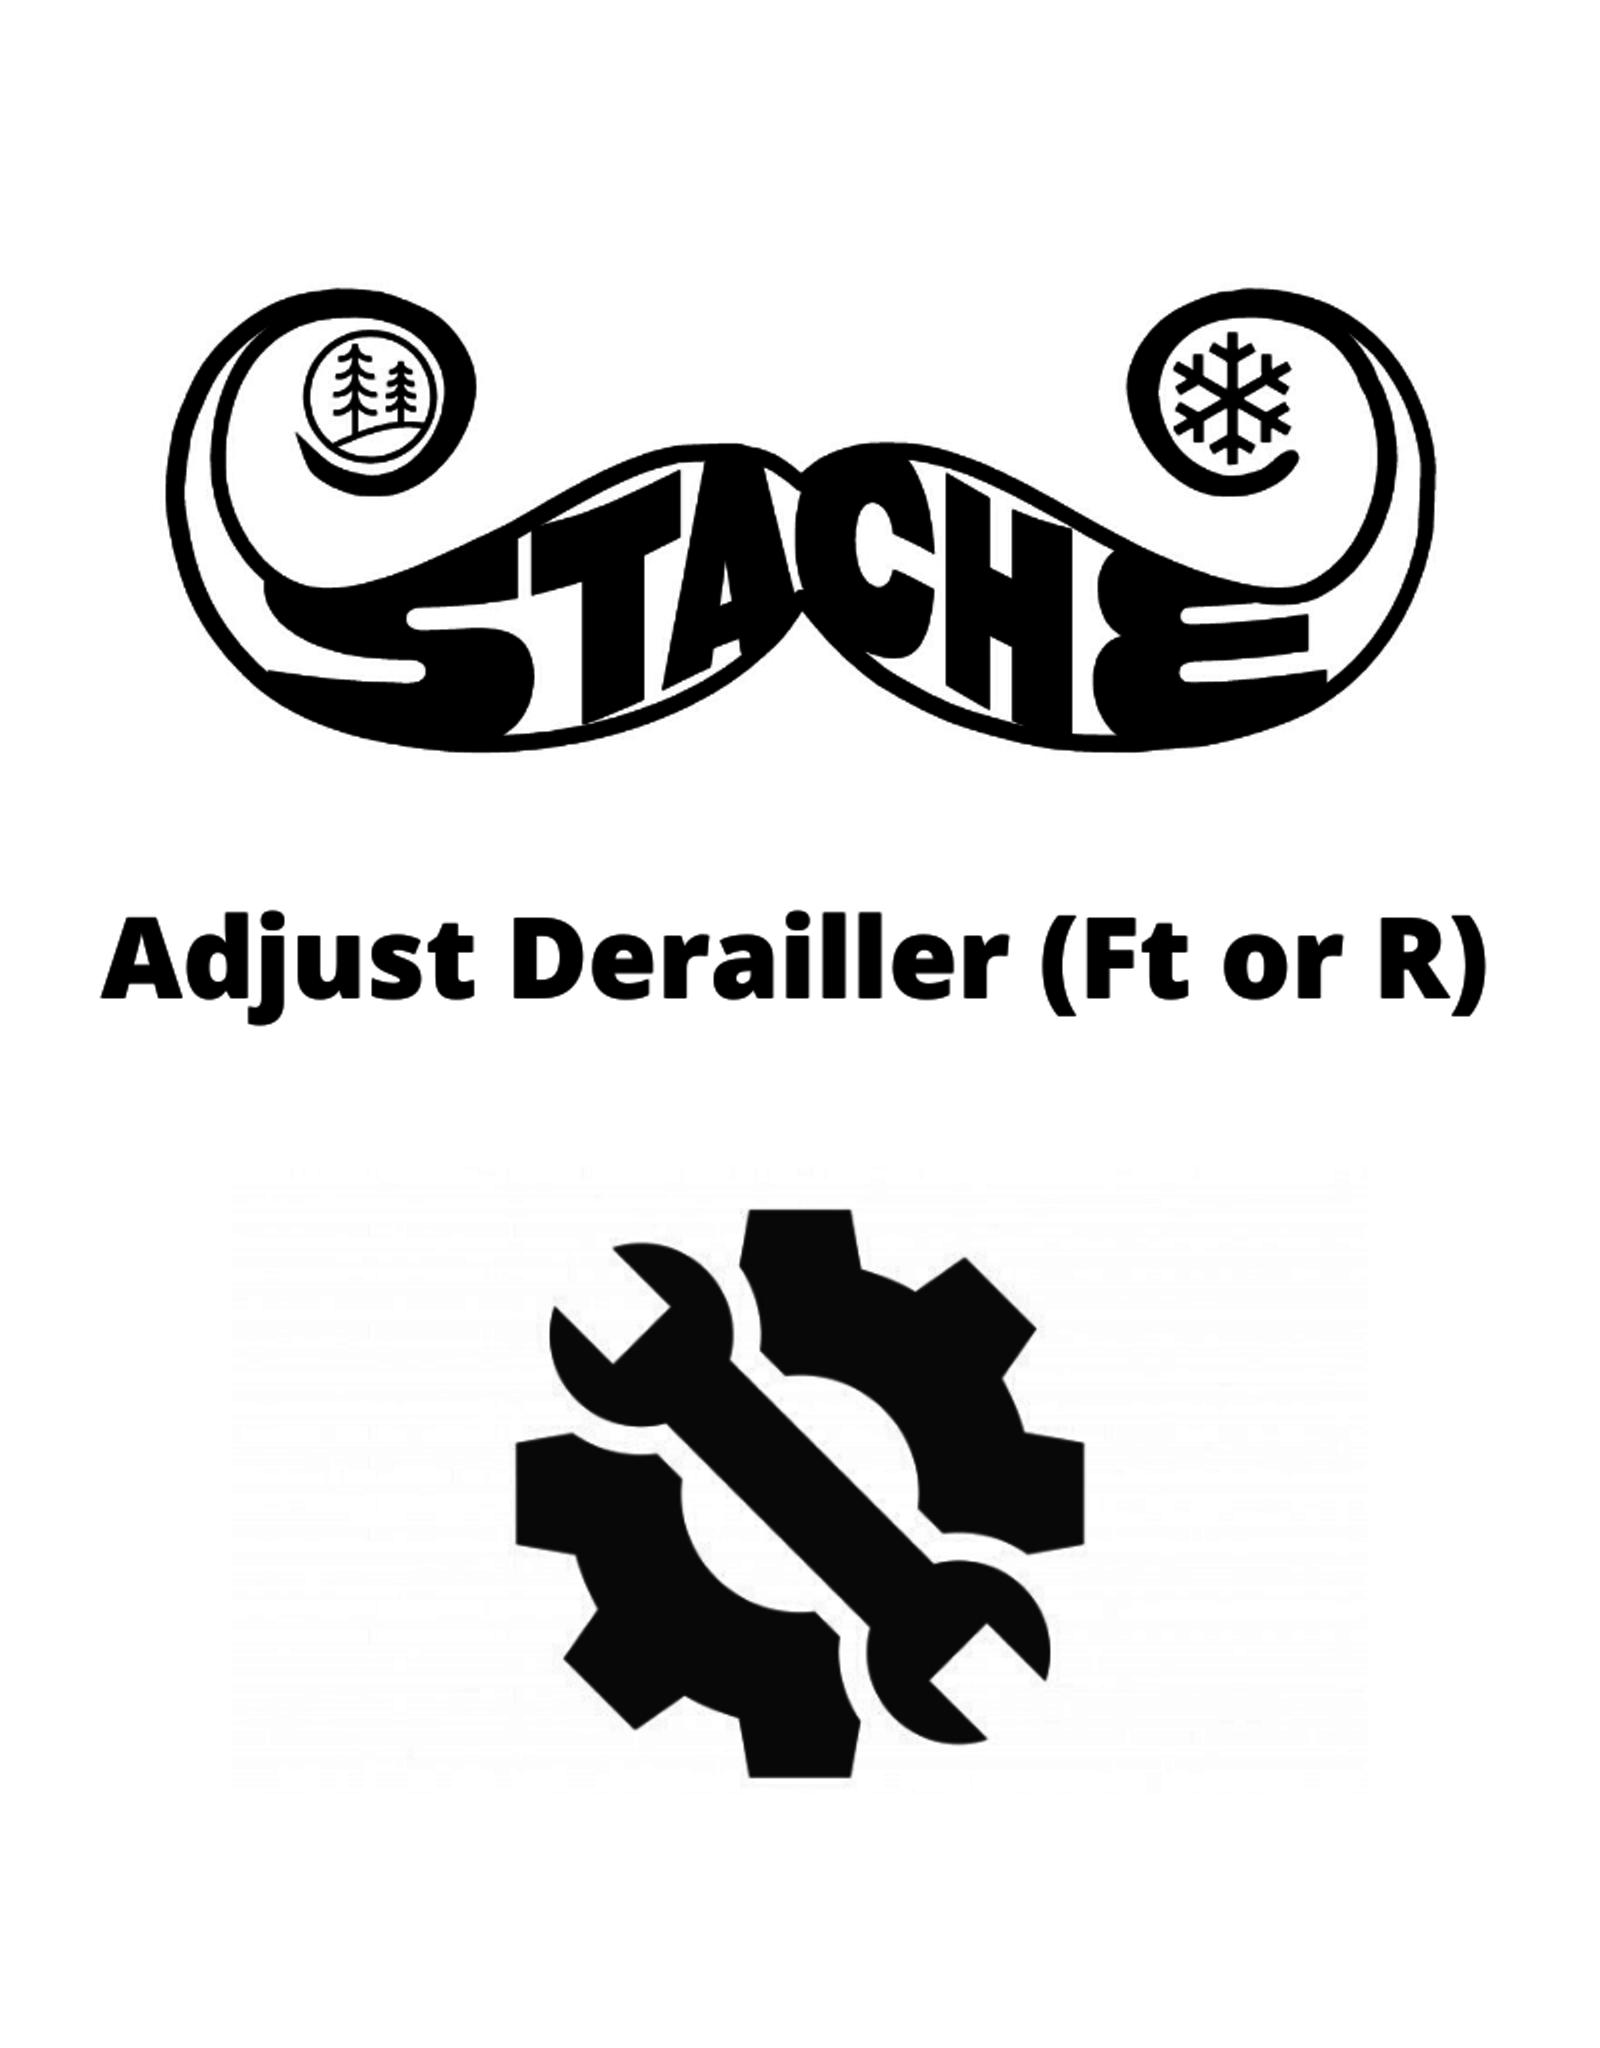 Adjust Derailler (Ft or R)